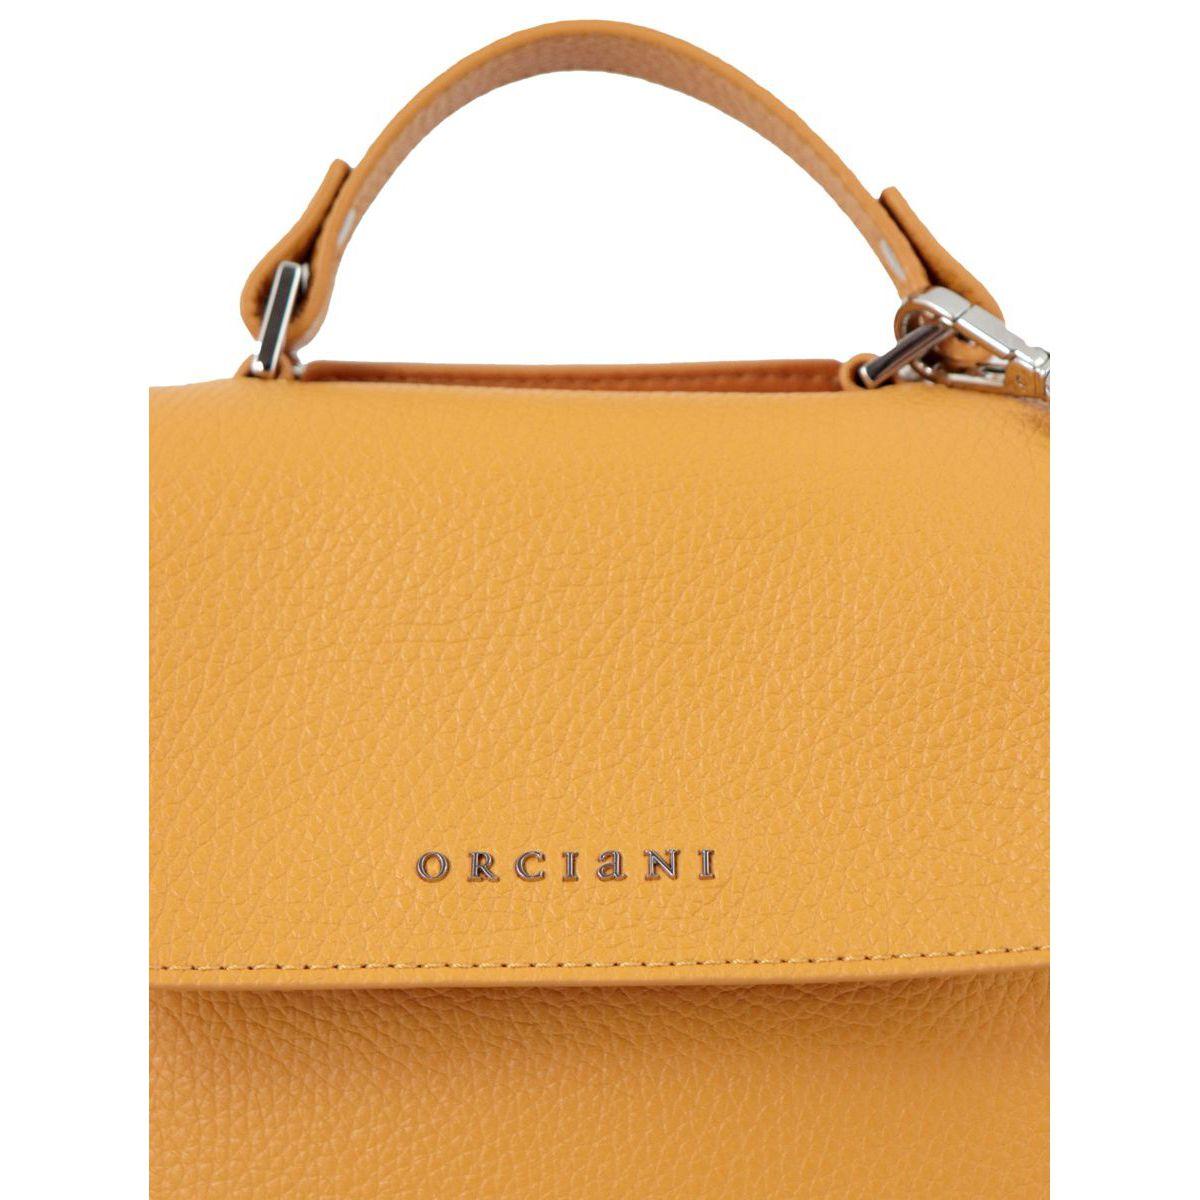 Sveva mini Micron leather Mango Orciani